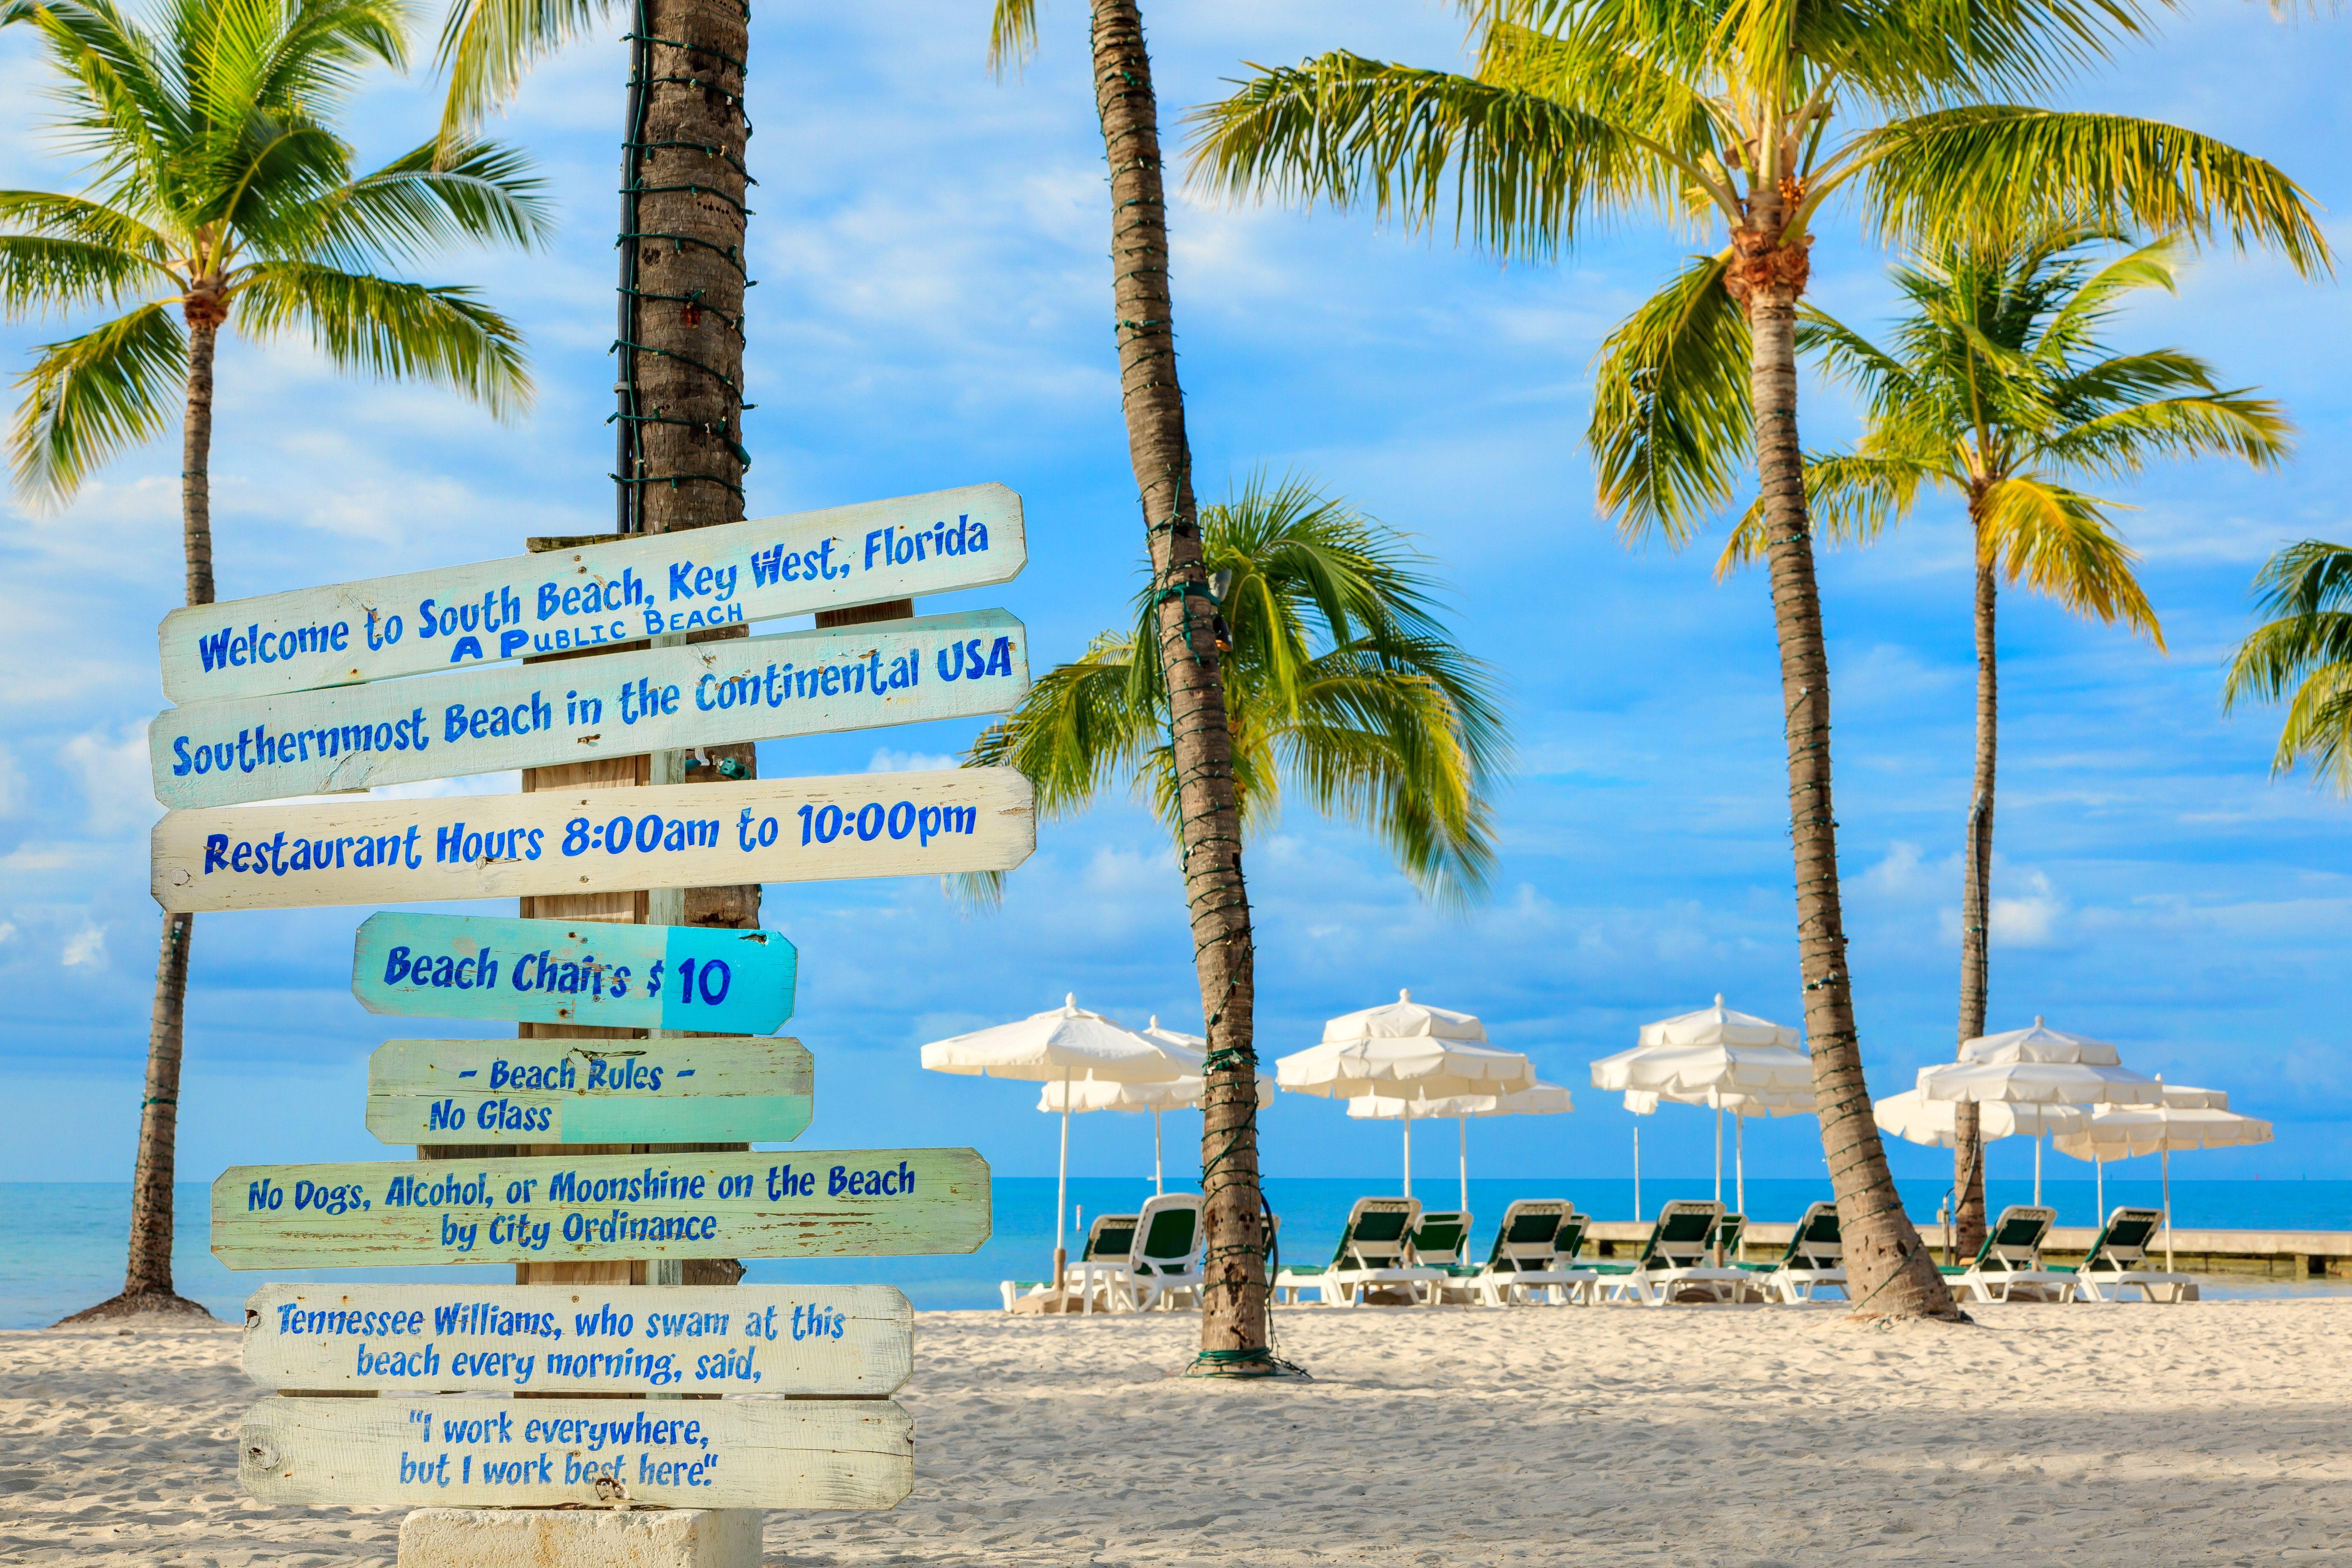 South Beach Key West Hotels Florida